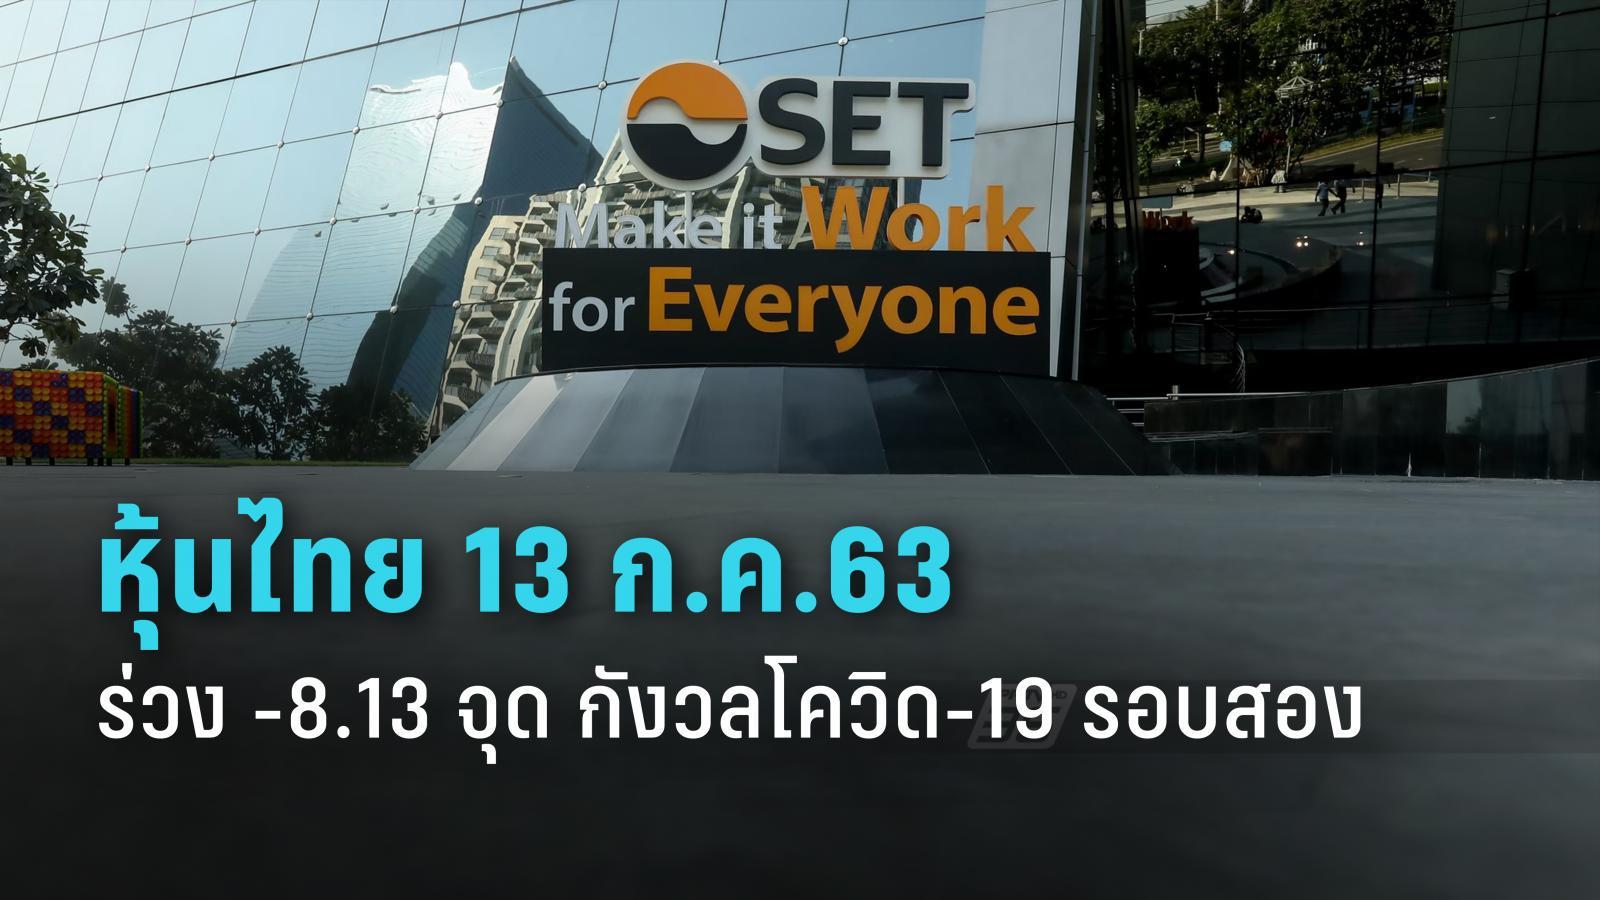 ดัชนีหุ้นไทย 13  ก.ค.63 ร่วง - 8.13 จุด  กังวลโควิด-19 ในประเทศระบาดรอบ 2